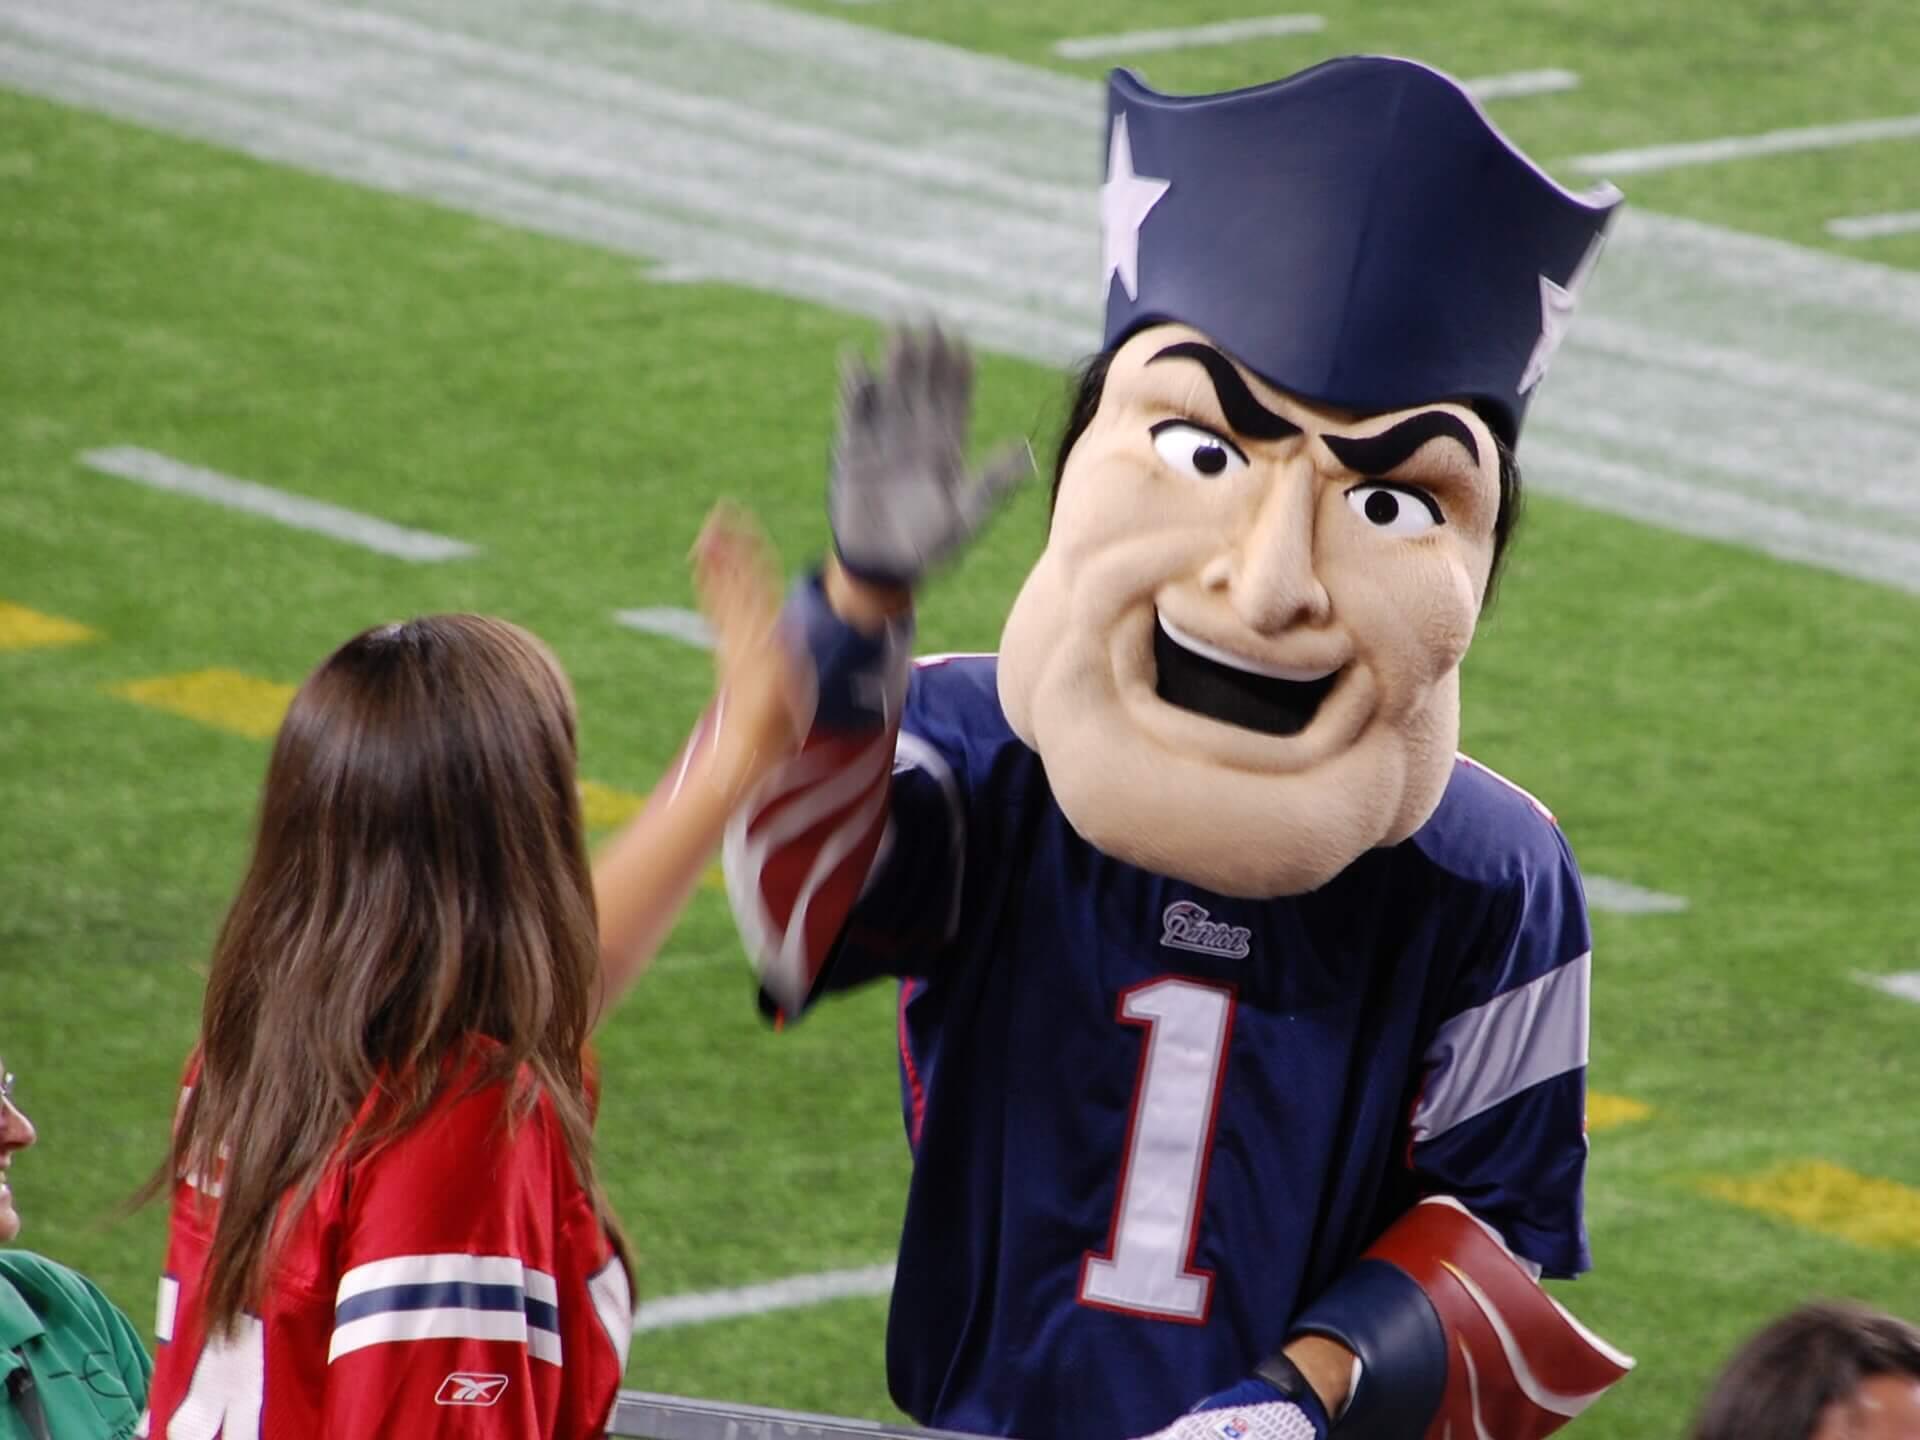 New England Patriots mascot Pat Patriot high fives a Pats fan